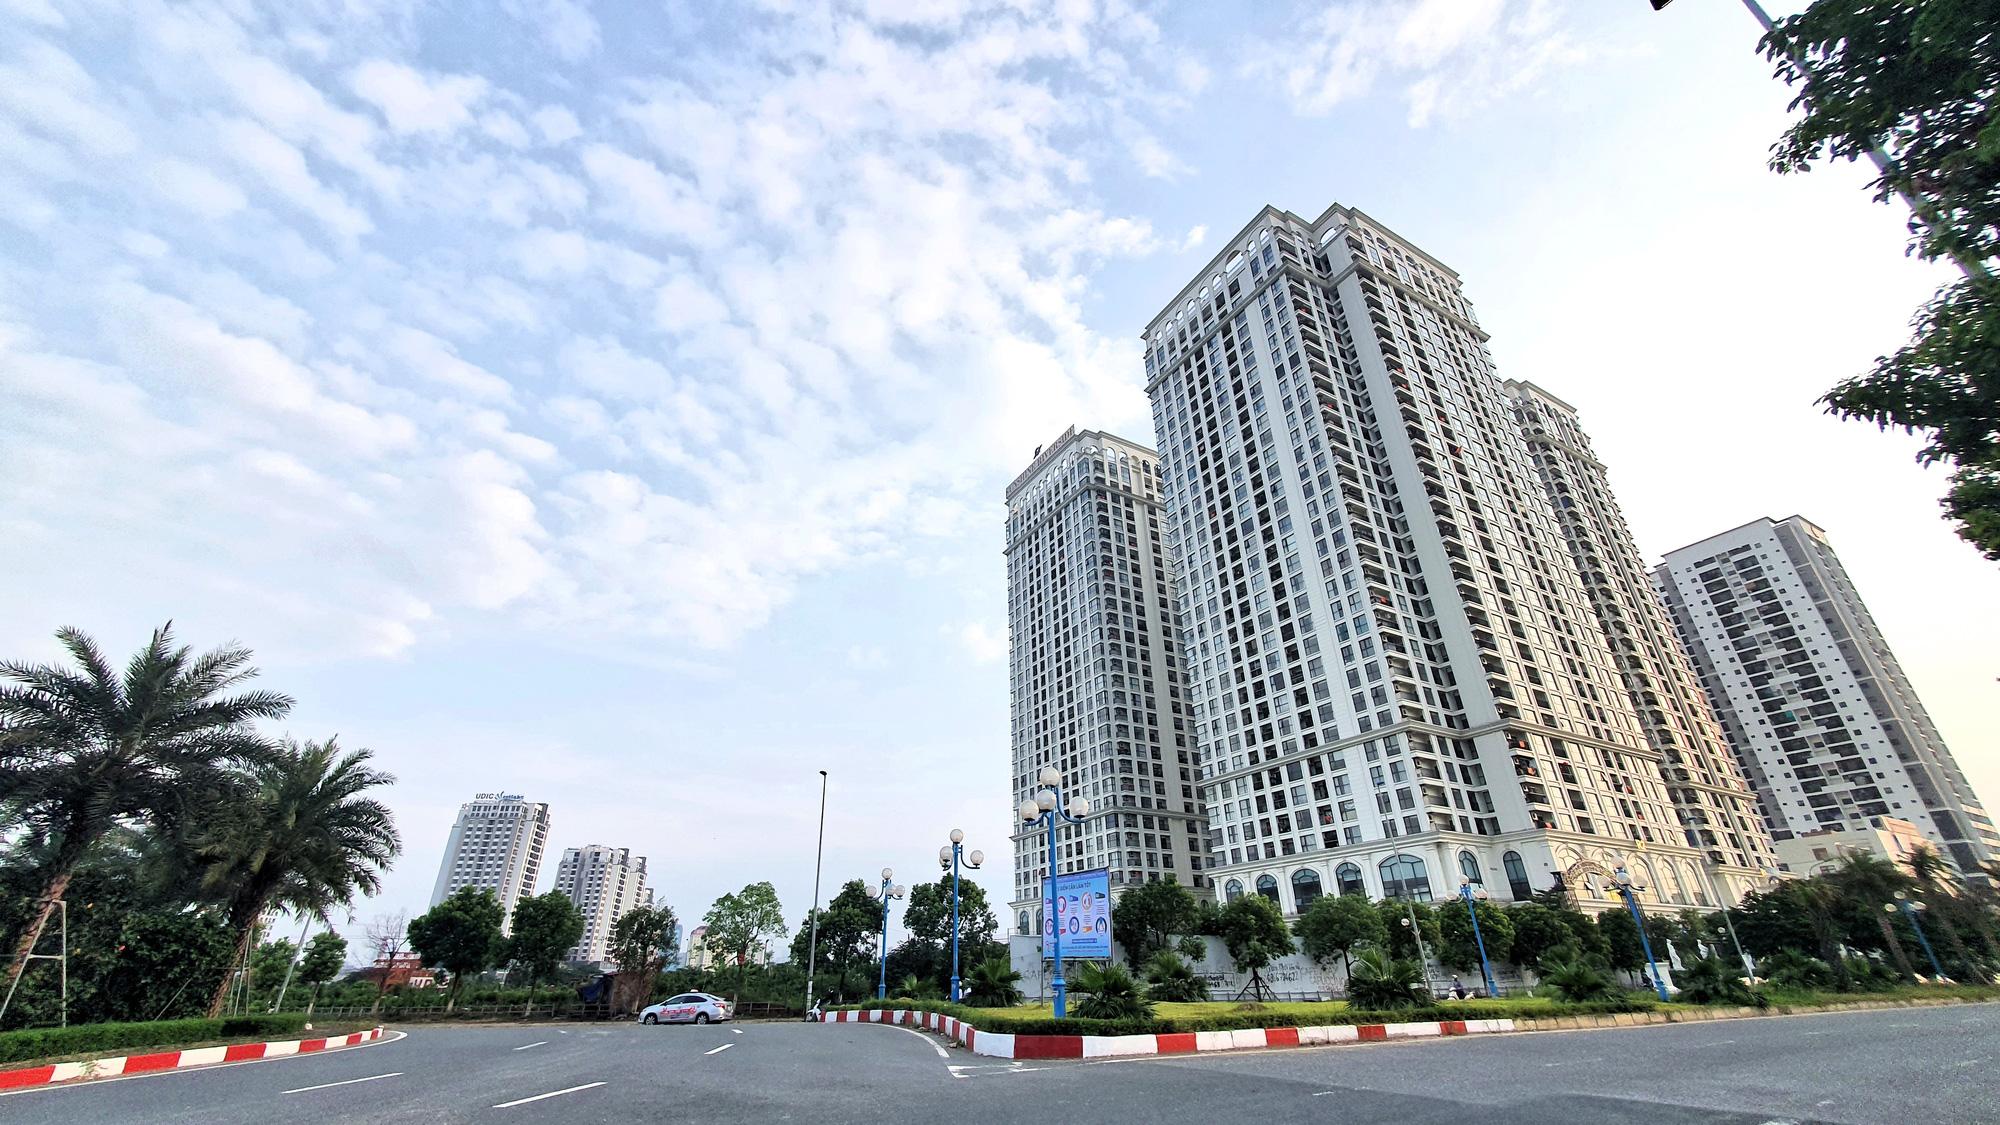 Thị trường căn hộ cho thuê: Dịch chưa qua, thuế đã siết - Ảnh 1.